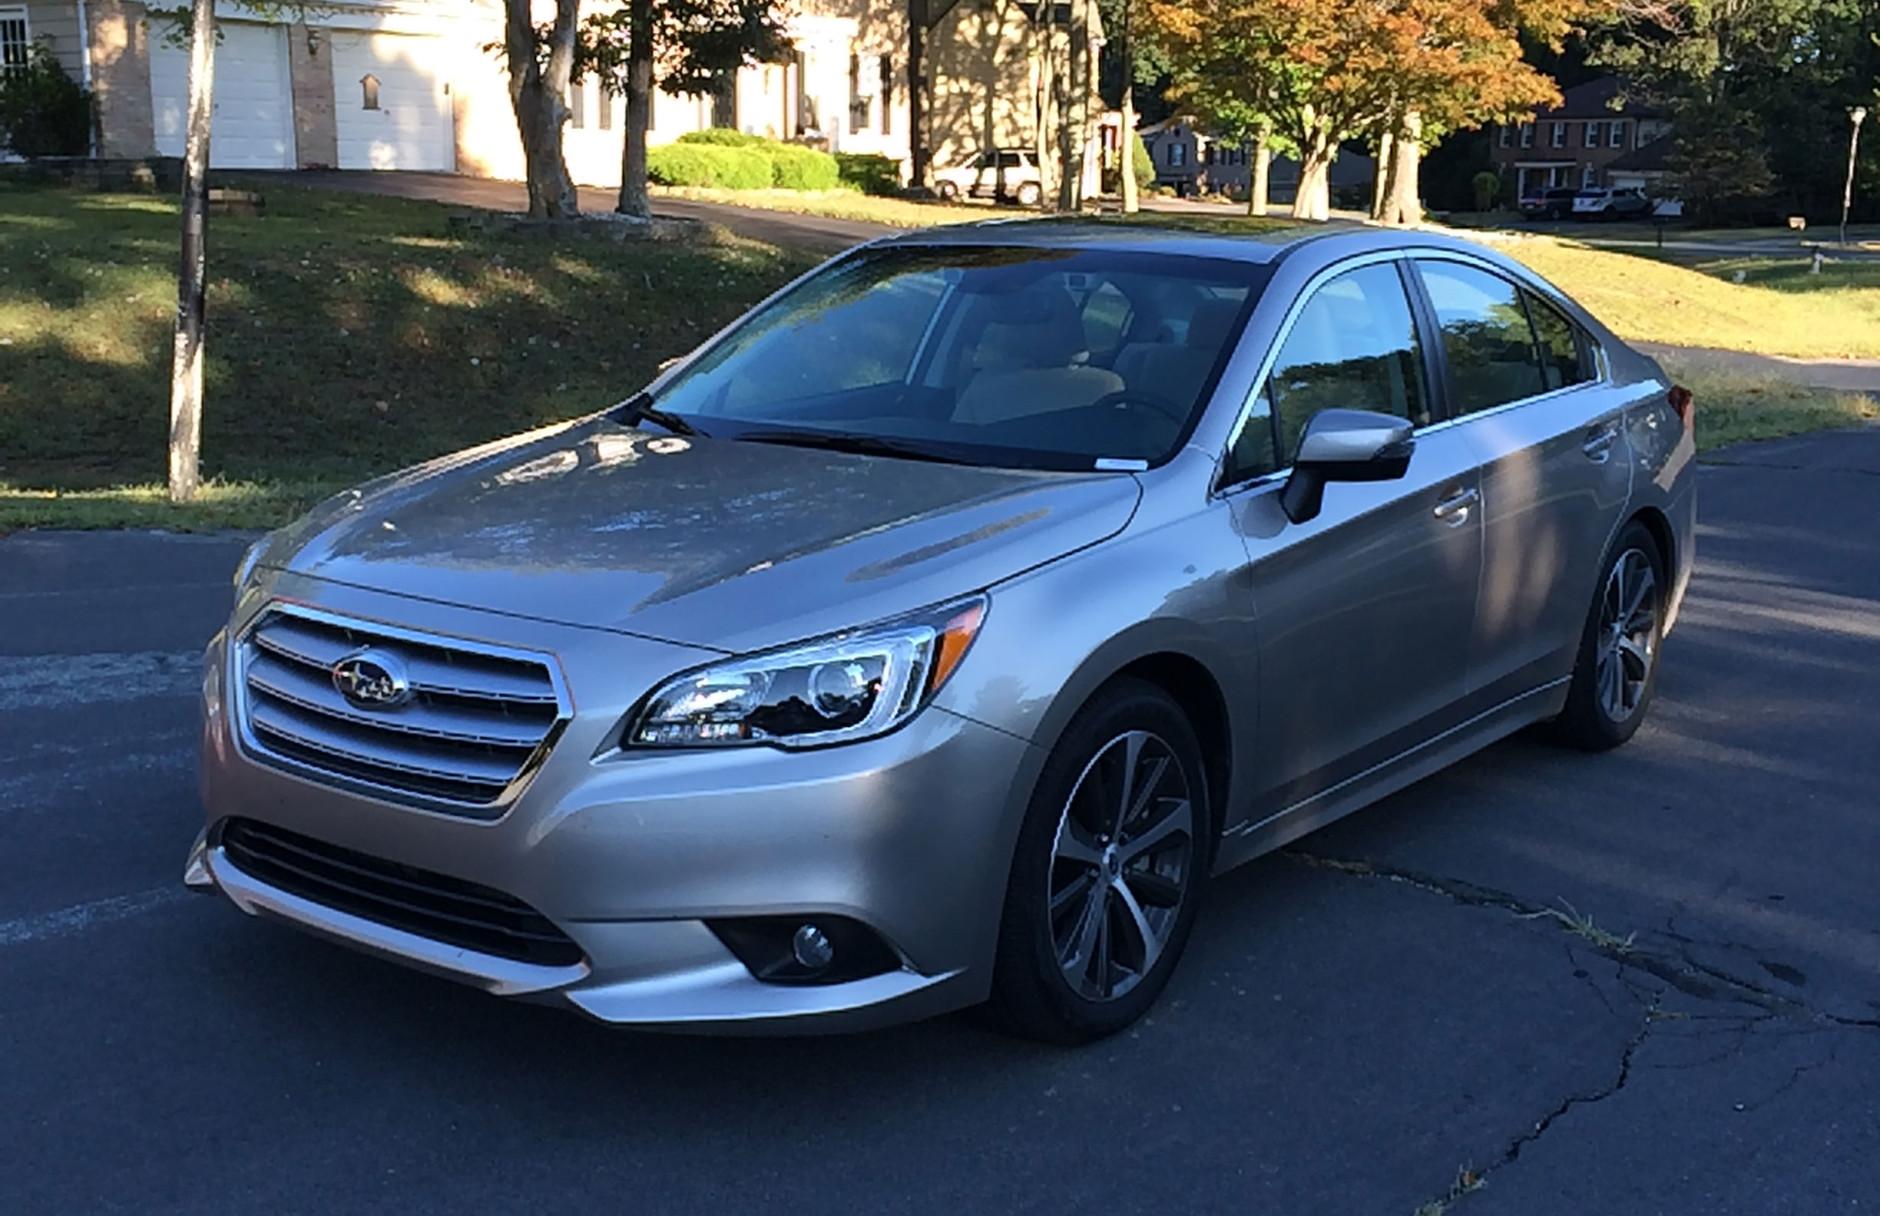 Subaru Legacy 3.6 R >> Subaru Legacy 3 6r Limited Packs A Punch Wtop